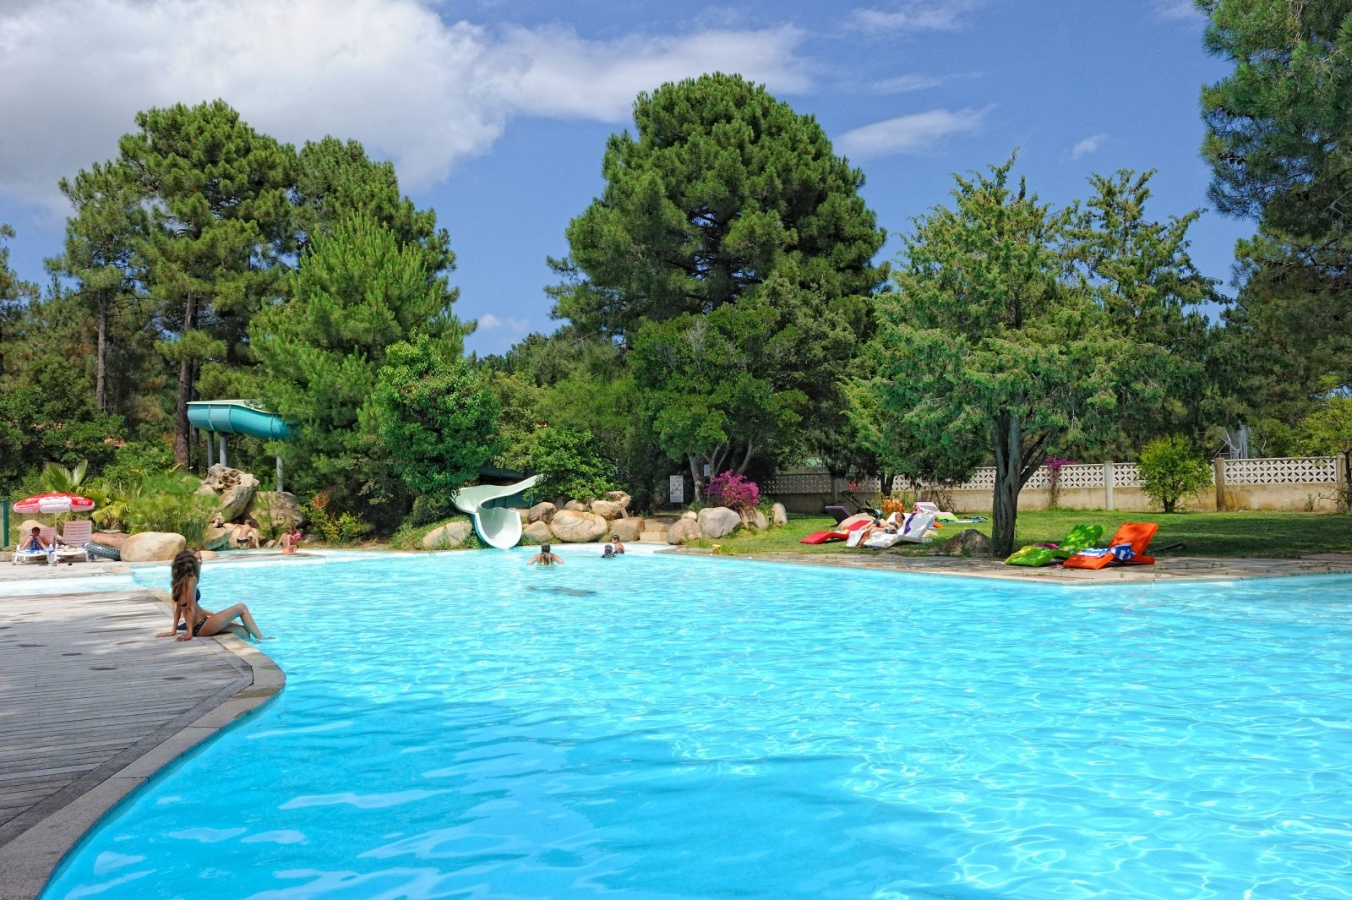 Camping u mulinacciu corse france pr sentation for Camping avec piscine corse du sud